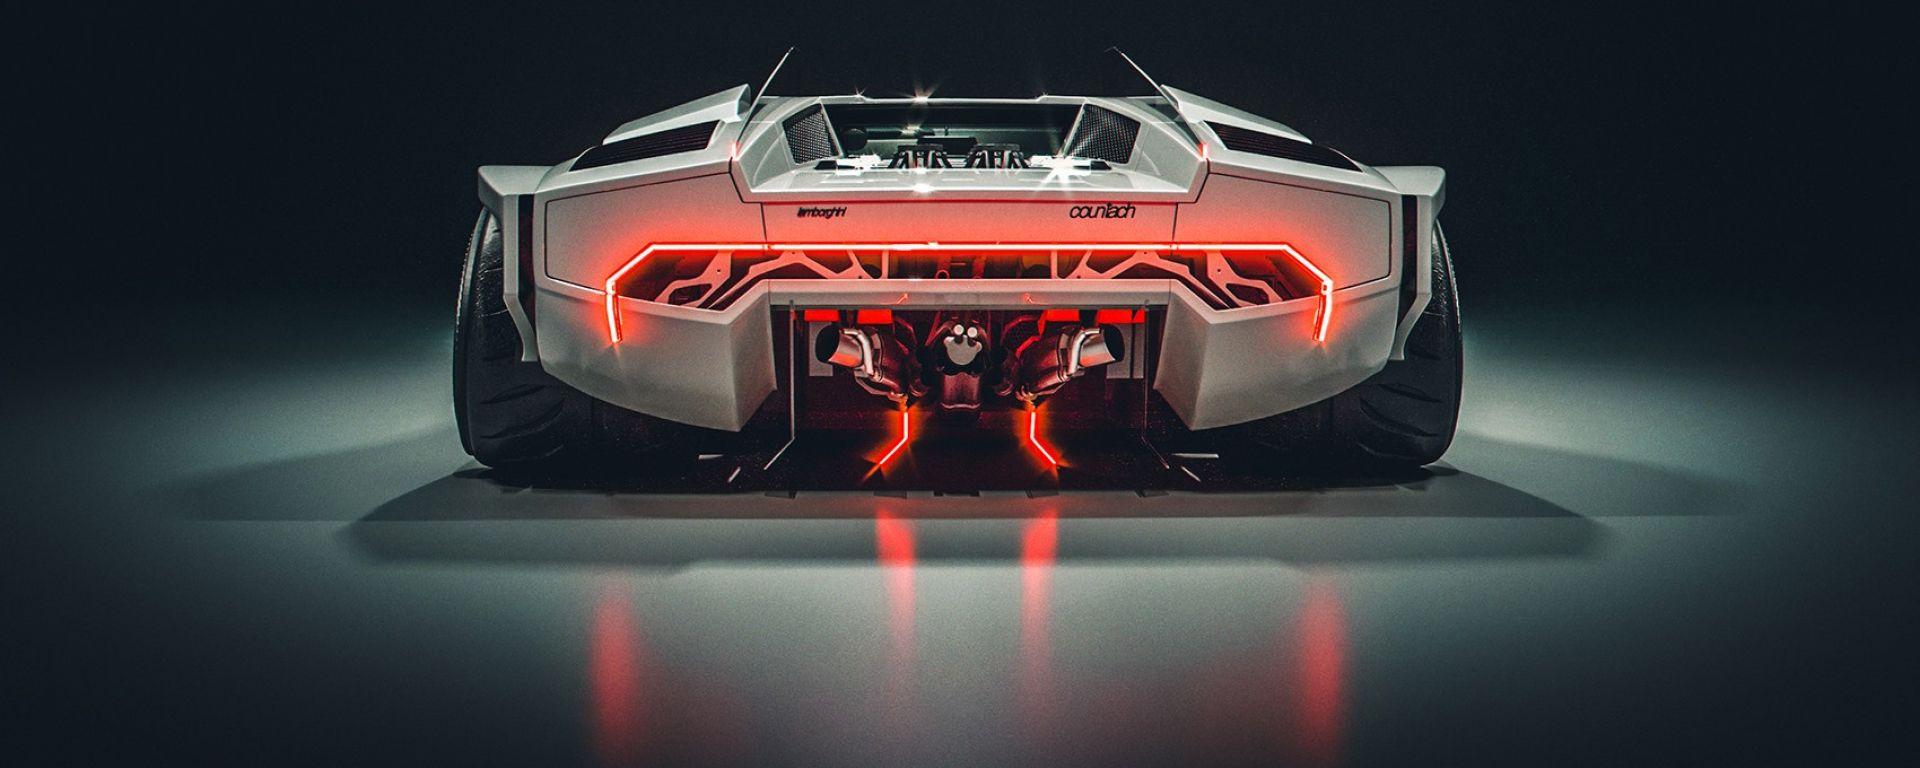 Lamborghini Countach, il super rendering di Khyzyl Saleem